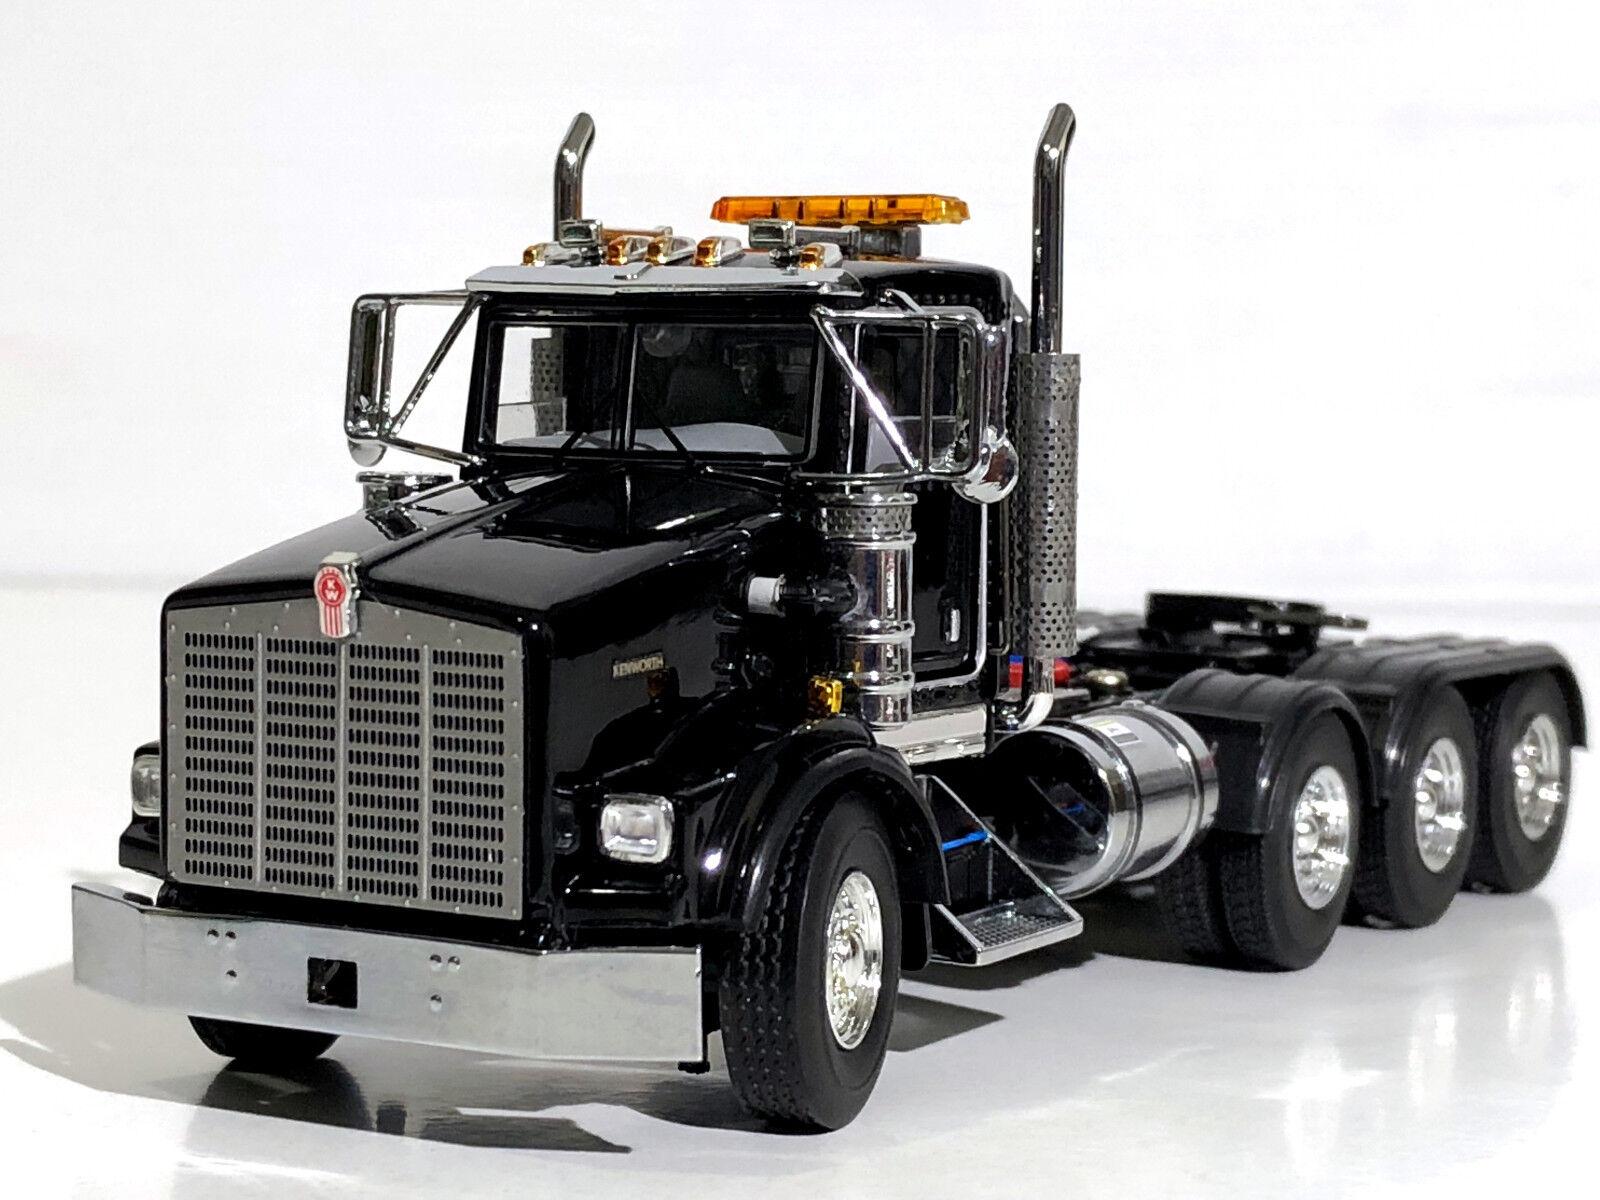 WSI camión Modelos, Kenworth T800 8x4 nero, un solo camión, escala 1 50